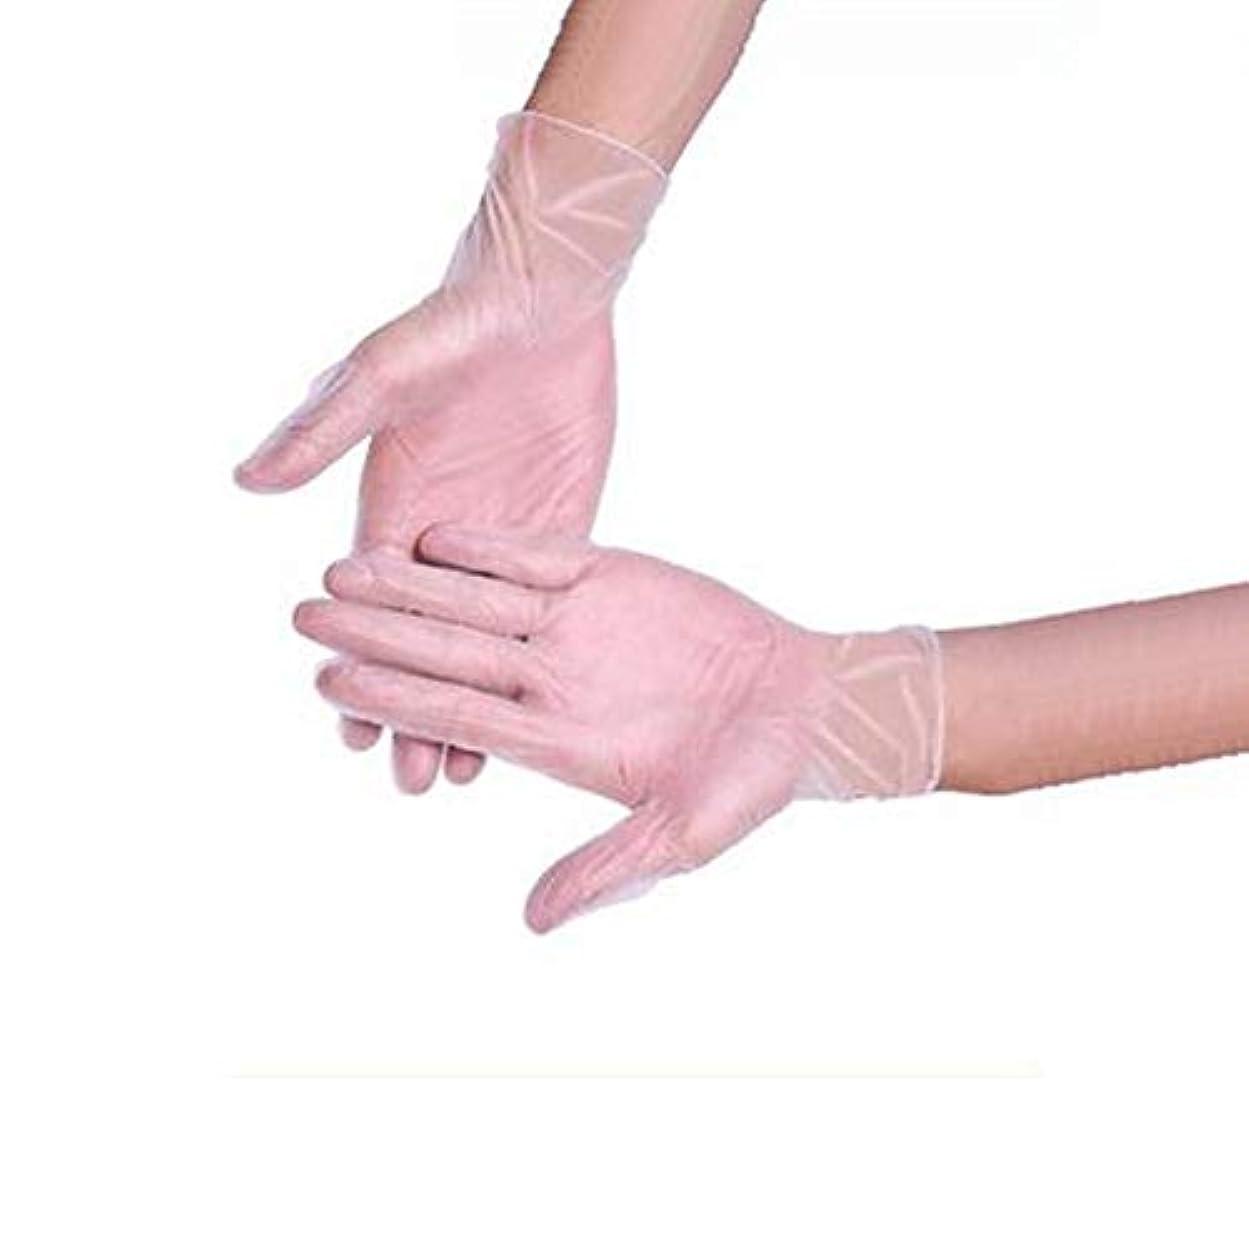 宇宙の飢饉床を掃除する食品ベーキング手袋美容ネイル使い捨て手袋クリーニング帯電防止手袋箱入り500のみ YANW (色 : トランスペアレント, サイズ さいず : Xl xl)